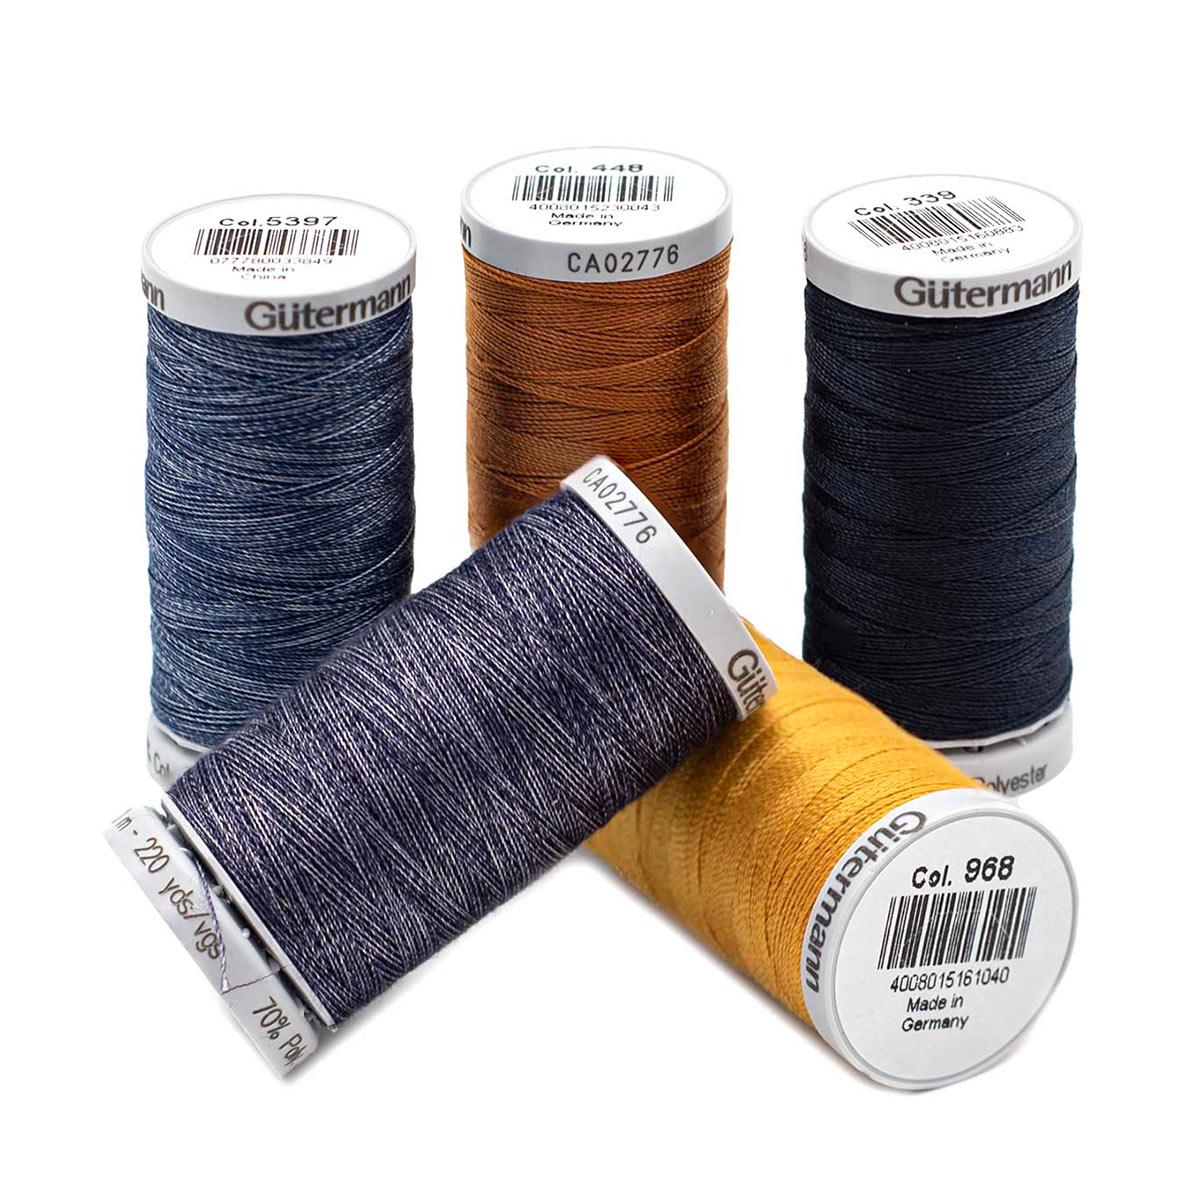 731323 Набор швейных нитей джинс (3 шт супер крепкой нити, 2шт джинсовой нити), col. 1